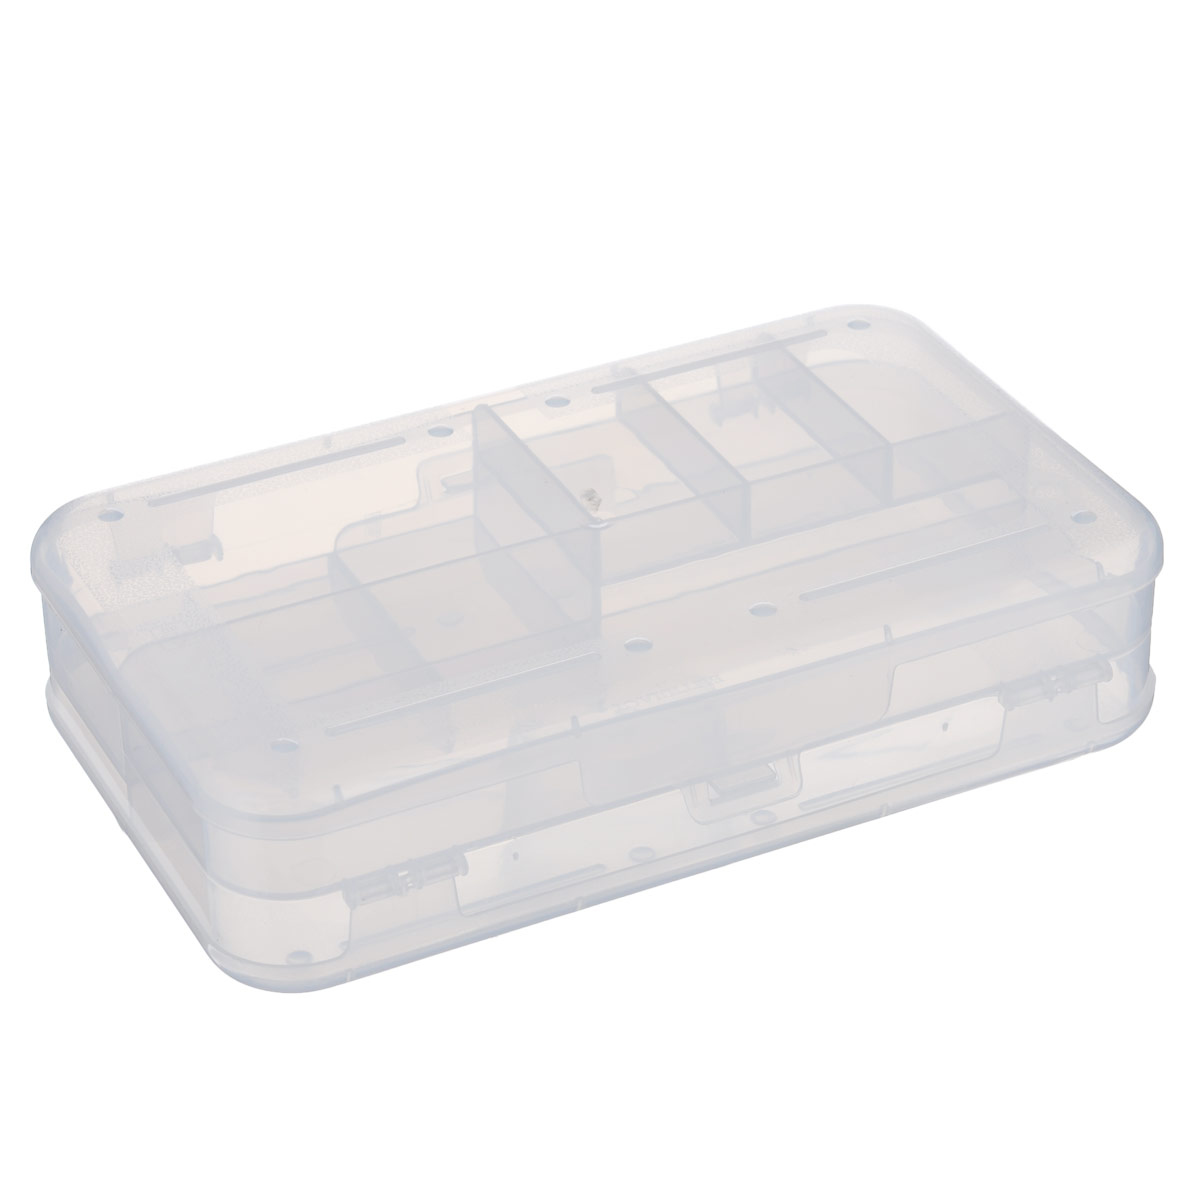 Органайзер Бытпласт, двухсторонний, цвет: прозрачный, 22,5 х 13,5 х 5,3 смС12667Органайзер  Бытпласт , выполненный из прочного пластика, предназначен для хранения различных мелких вещей. С каждой стороны органайзера находятся 3 маленьких, 1 средний и 1 большое отделения. Прозрачная поверхность позволяет видеть содержимое органайзера. По обеим сторонам органайзера имеются небольшие выступы, благодаря которым поверхность органайзера не царапается. Удобный и надежный замок-защелка обеспечивает надежное закрывание крышки. Органайзер легко моется и чистится.Размеры отделений:Размер большого отделения: 20,8 см х 5,8 см х 1,8 см;Размер среднего отделения: 10,3 см х 5,8 см х 2,6 см;Размер малого отделения: 3,3 см х 5,8 см х 1 см.